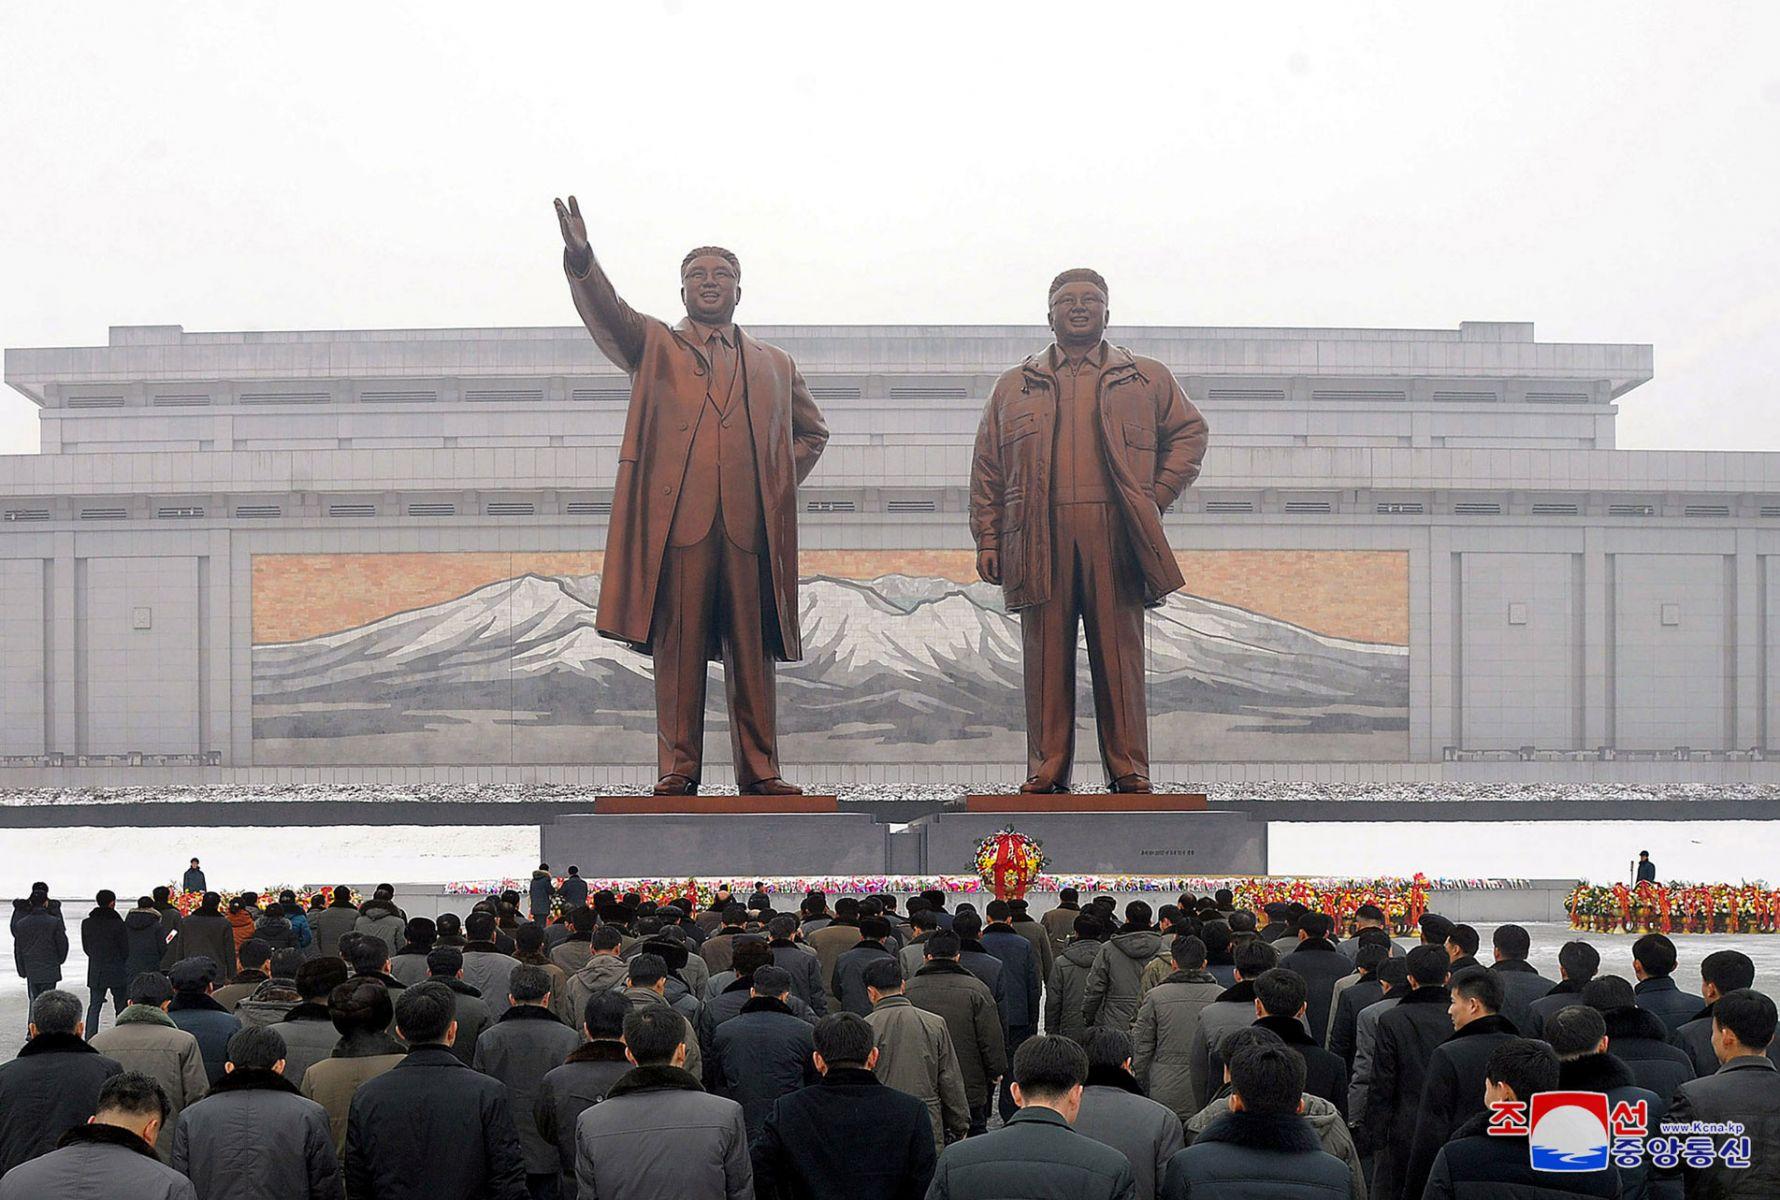 人手一支手機、 摩天大樓一棟棟蓋  川金會後直擊北韓真實經濟力